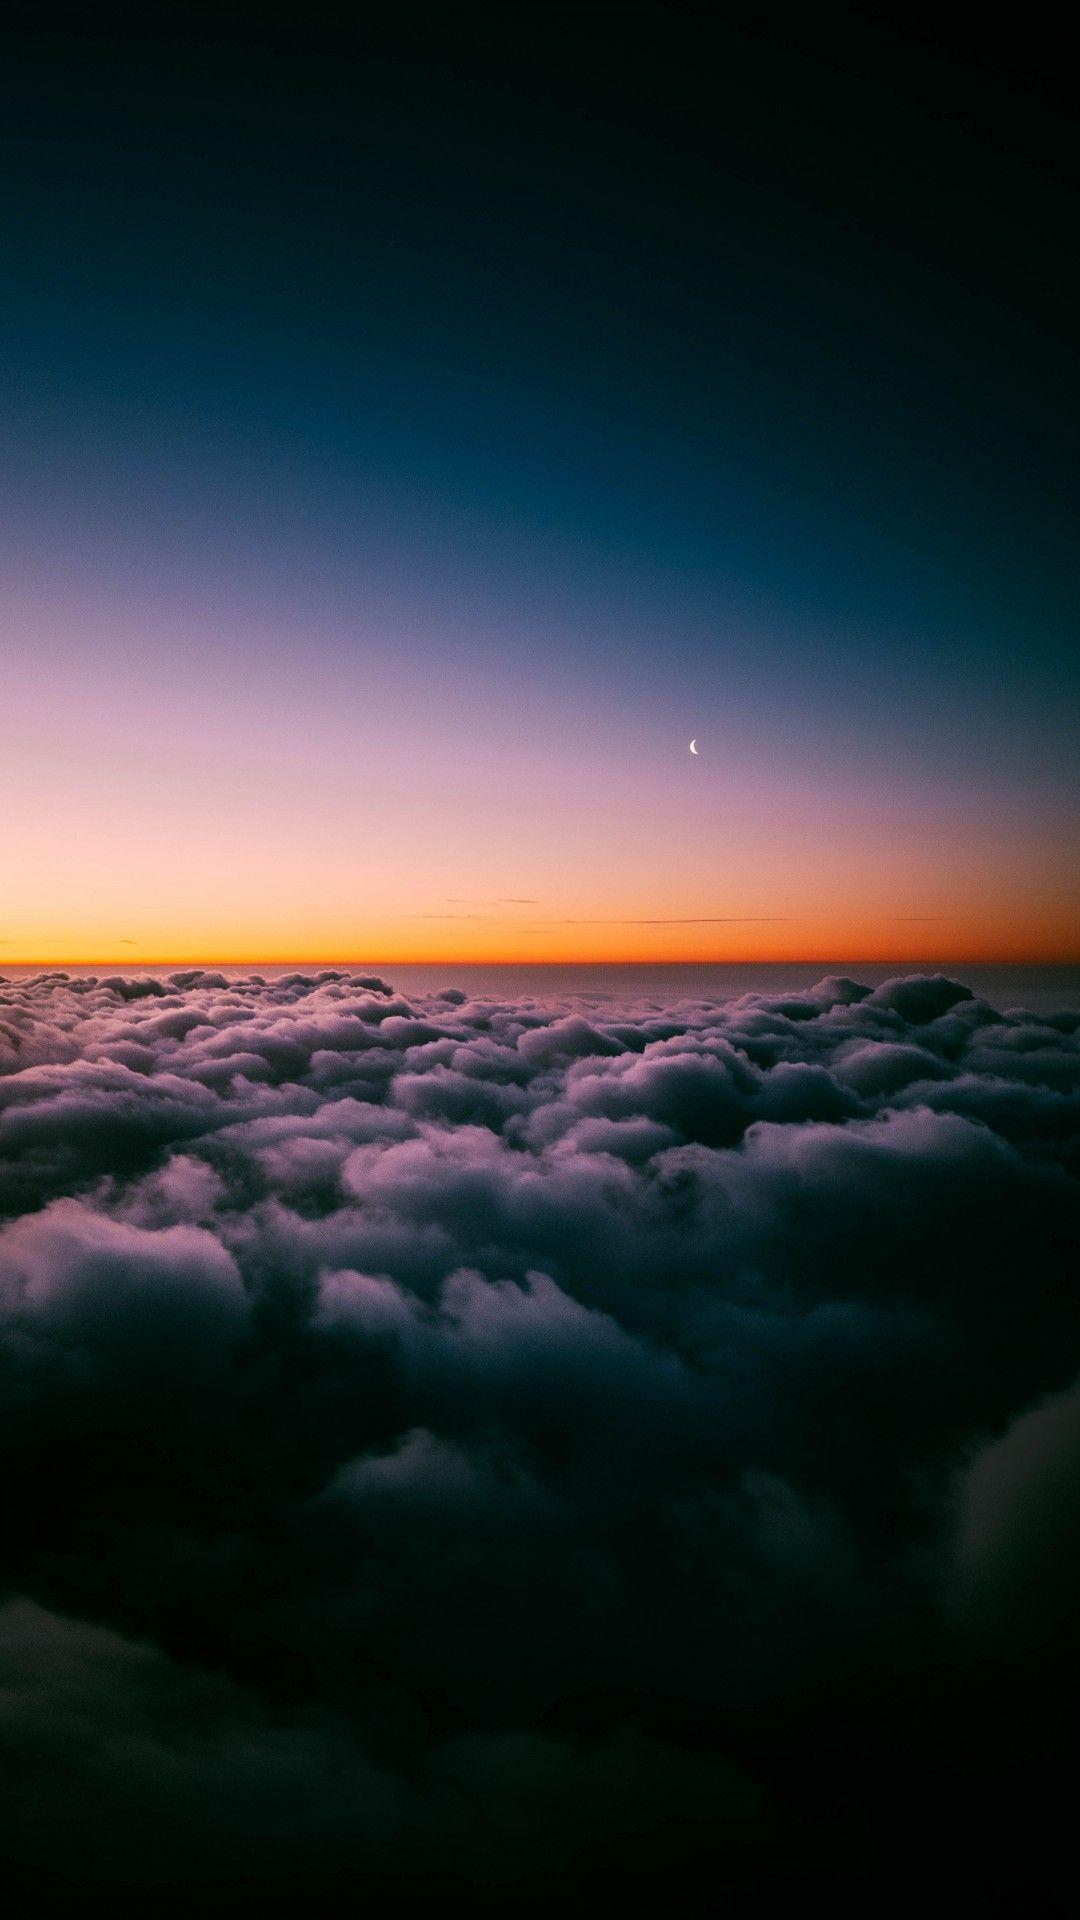 Sunset Horizon Above Clouds Wallpaper[19201080] Cloud wallpaper 1080x1920